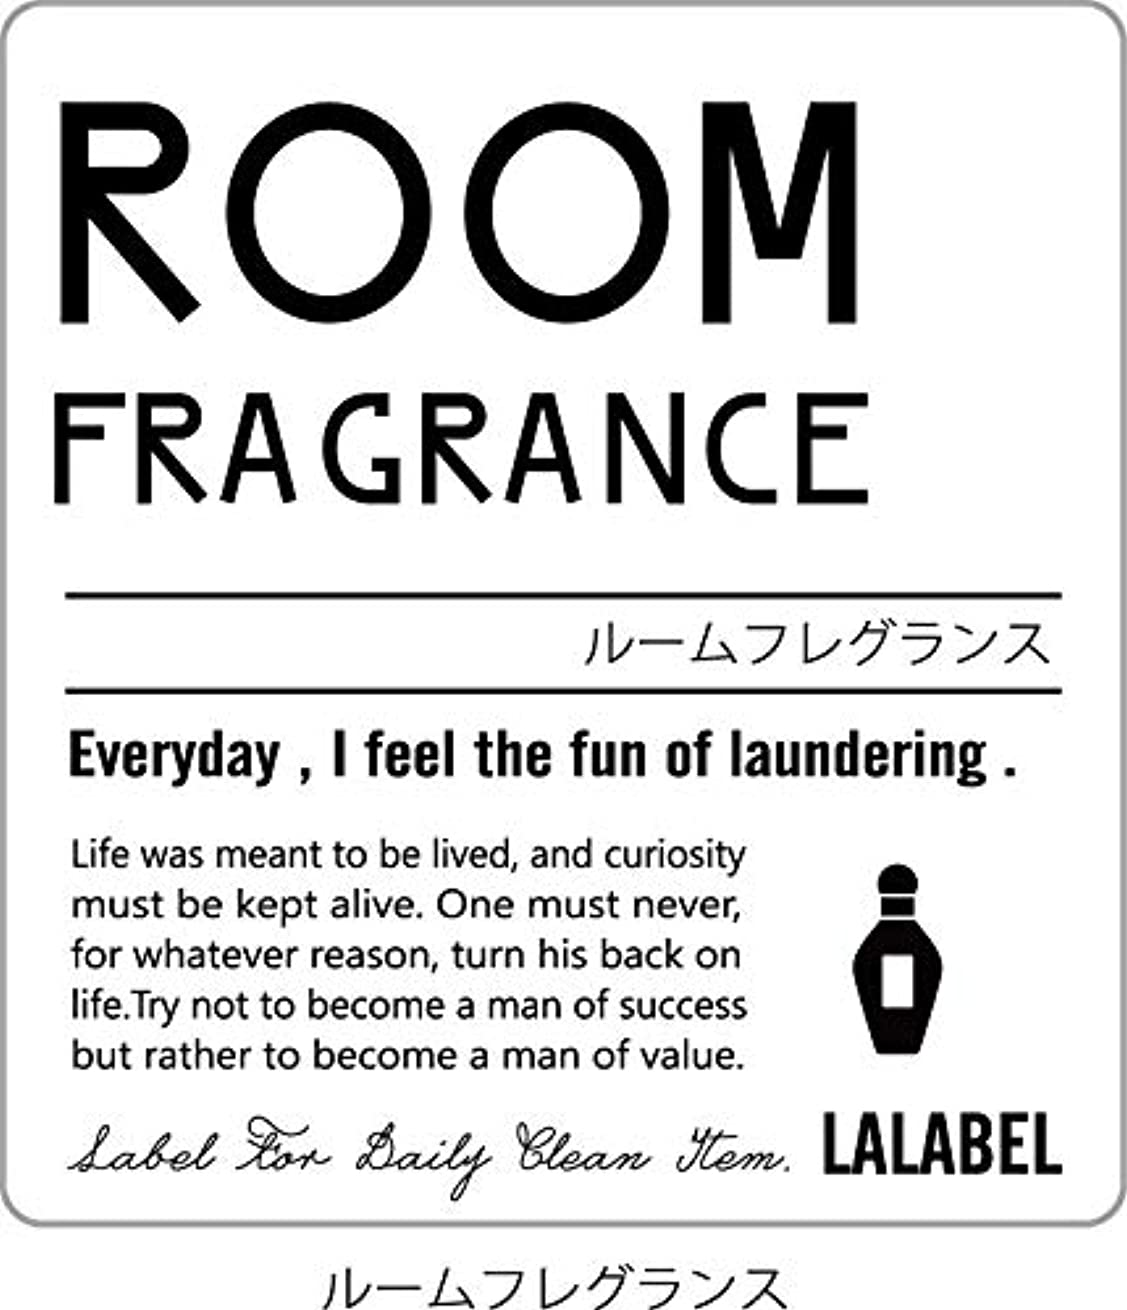 Lalabel<詰め替え容器?リメイクラベル>選べるラベル単品?ランドリー用 スタイリッシュデザイン (ルームフレグランス)